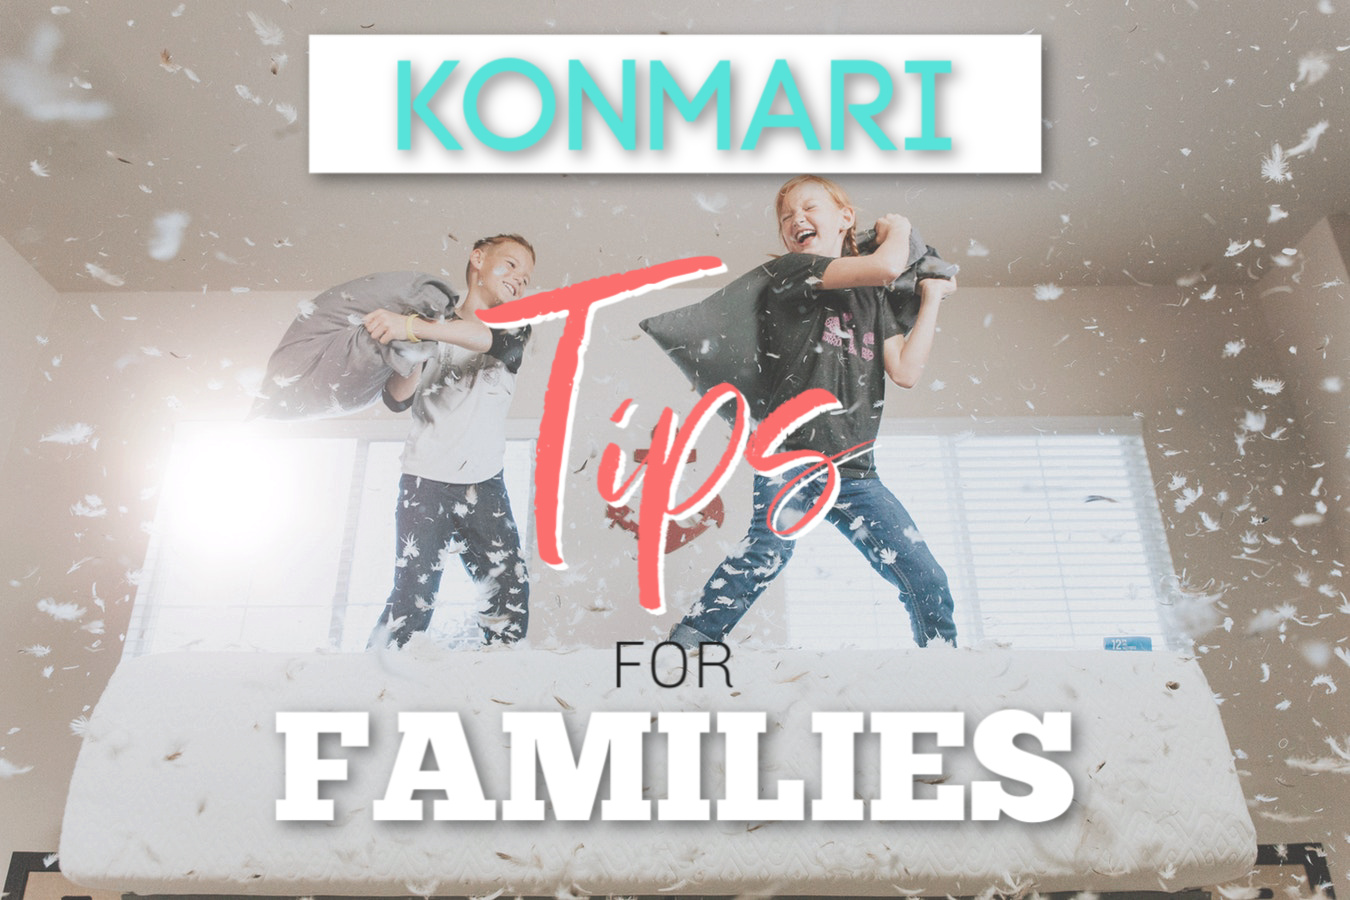 konmari-tips-for-families.jpg